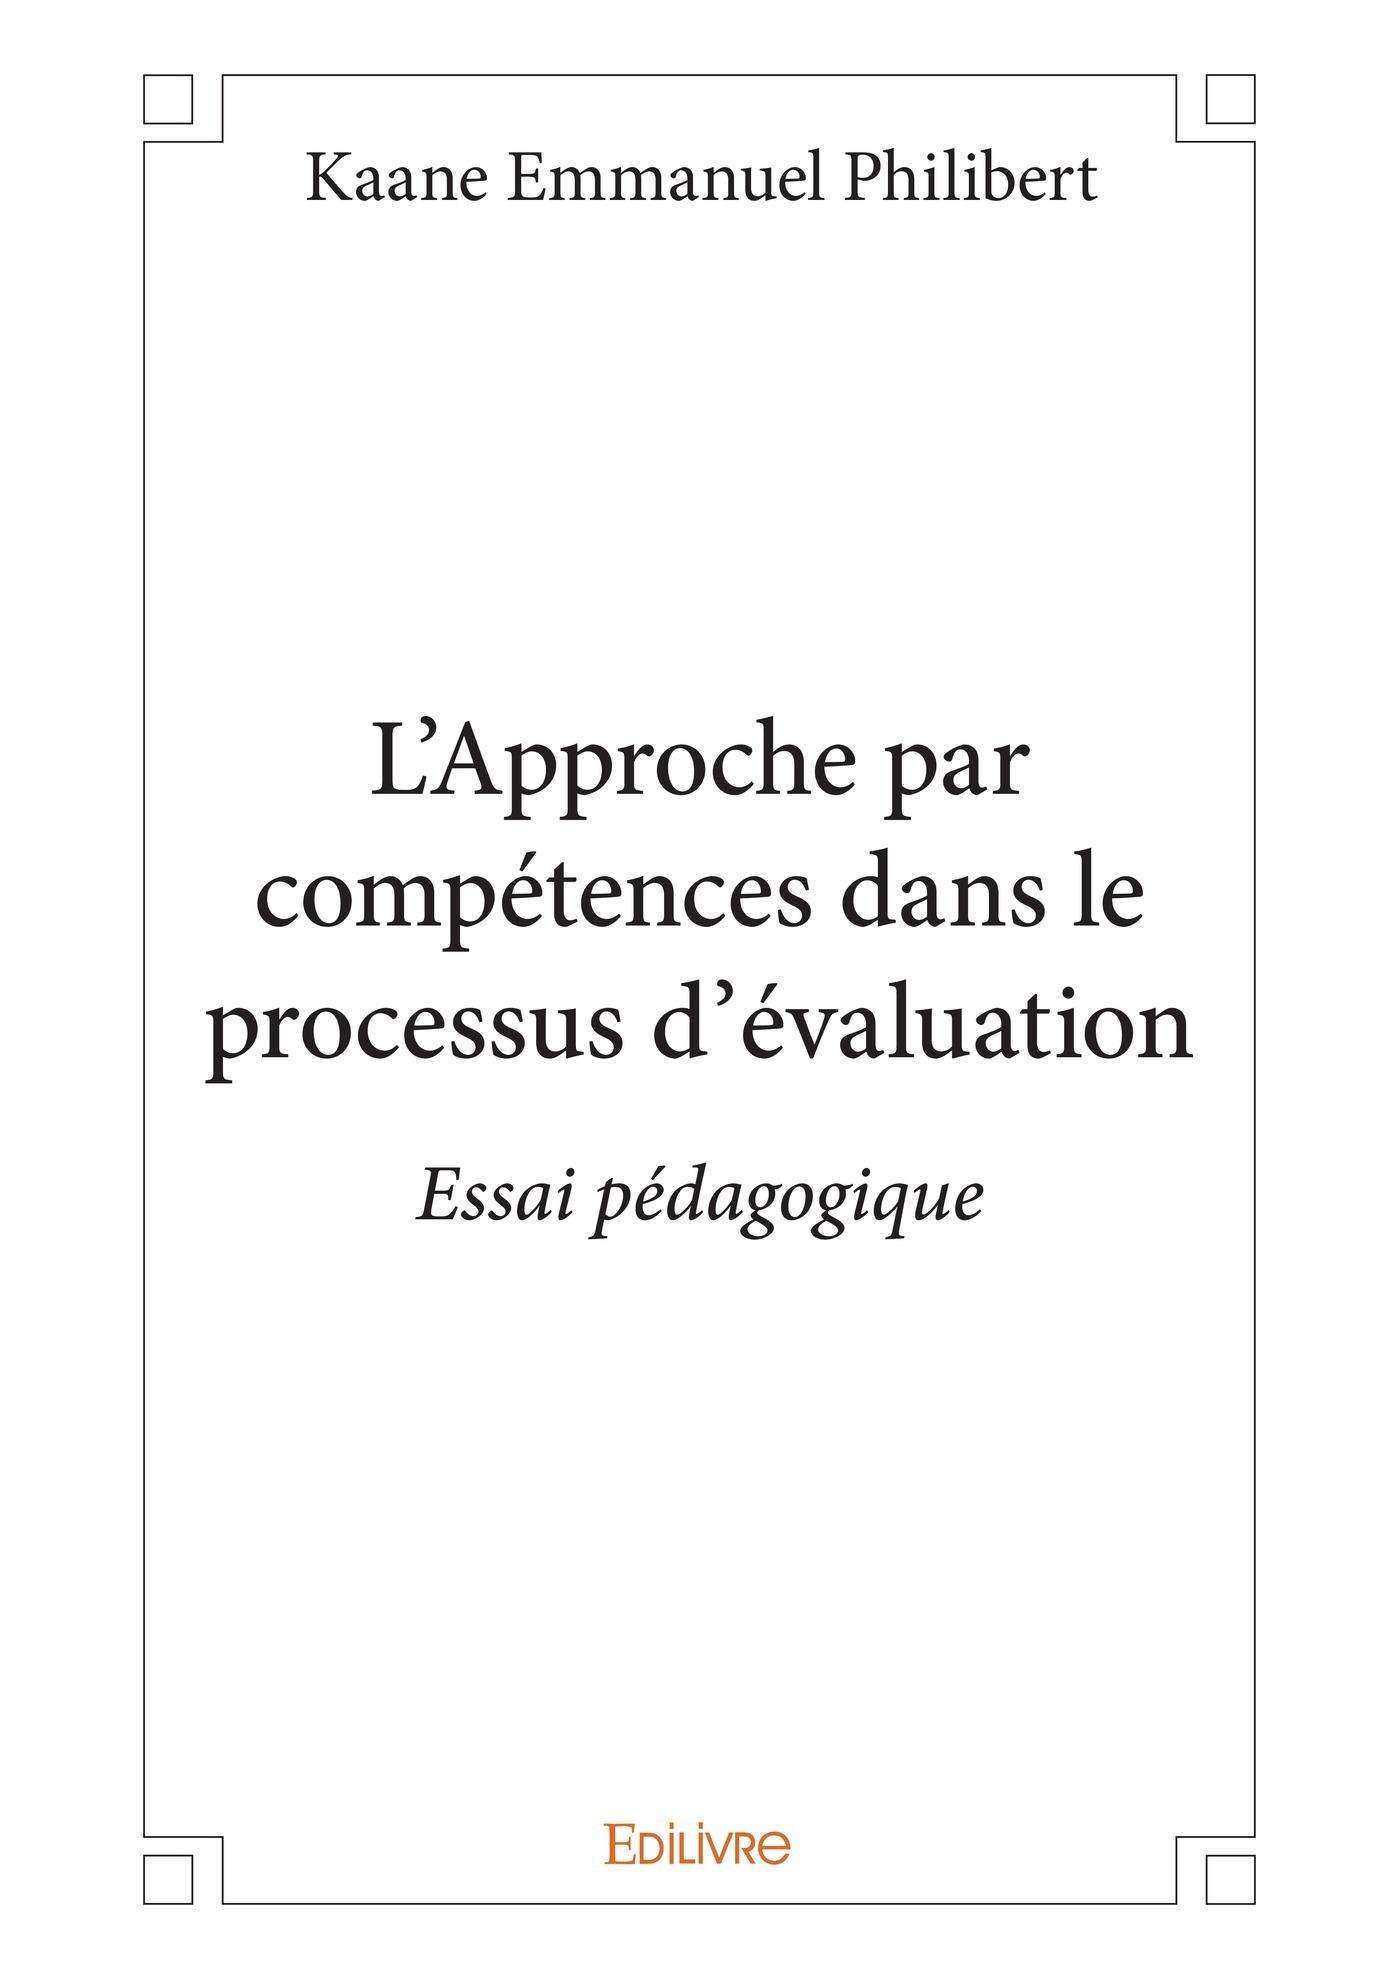 L'approche par competences dans le processus d'evaluation